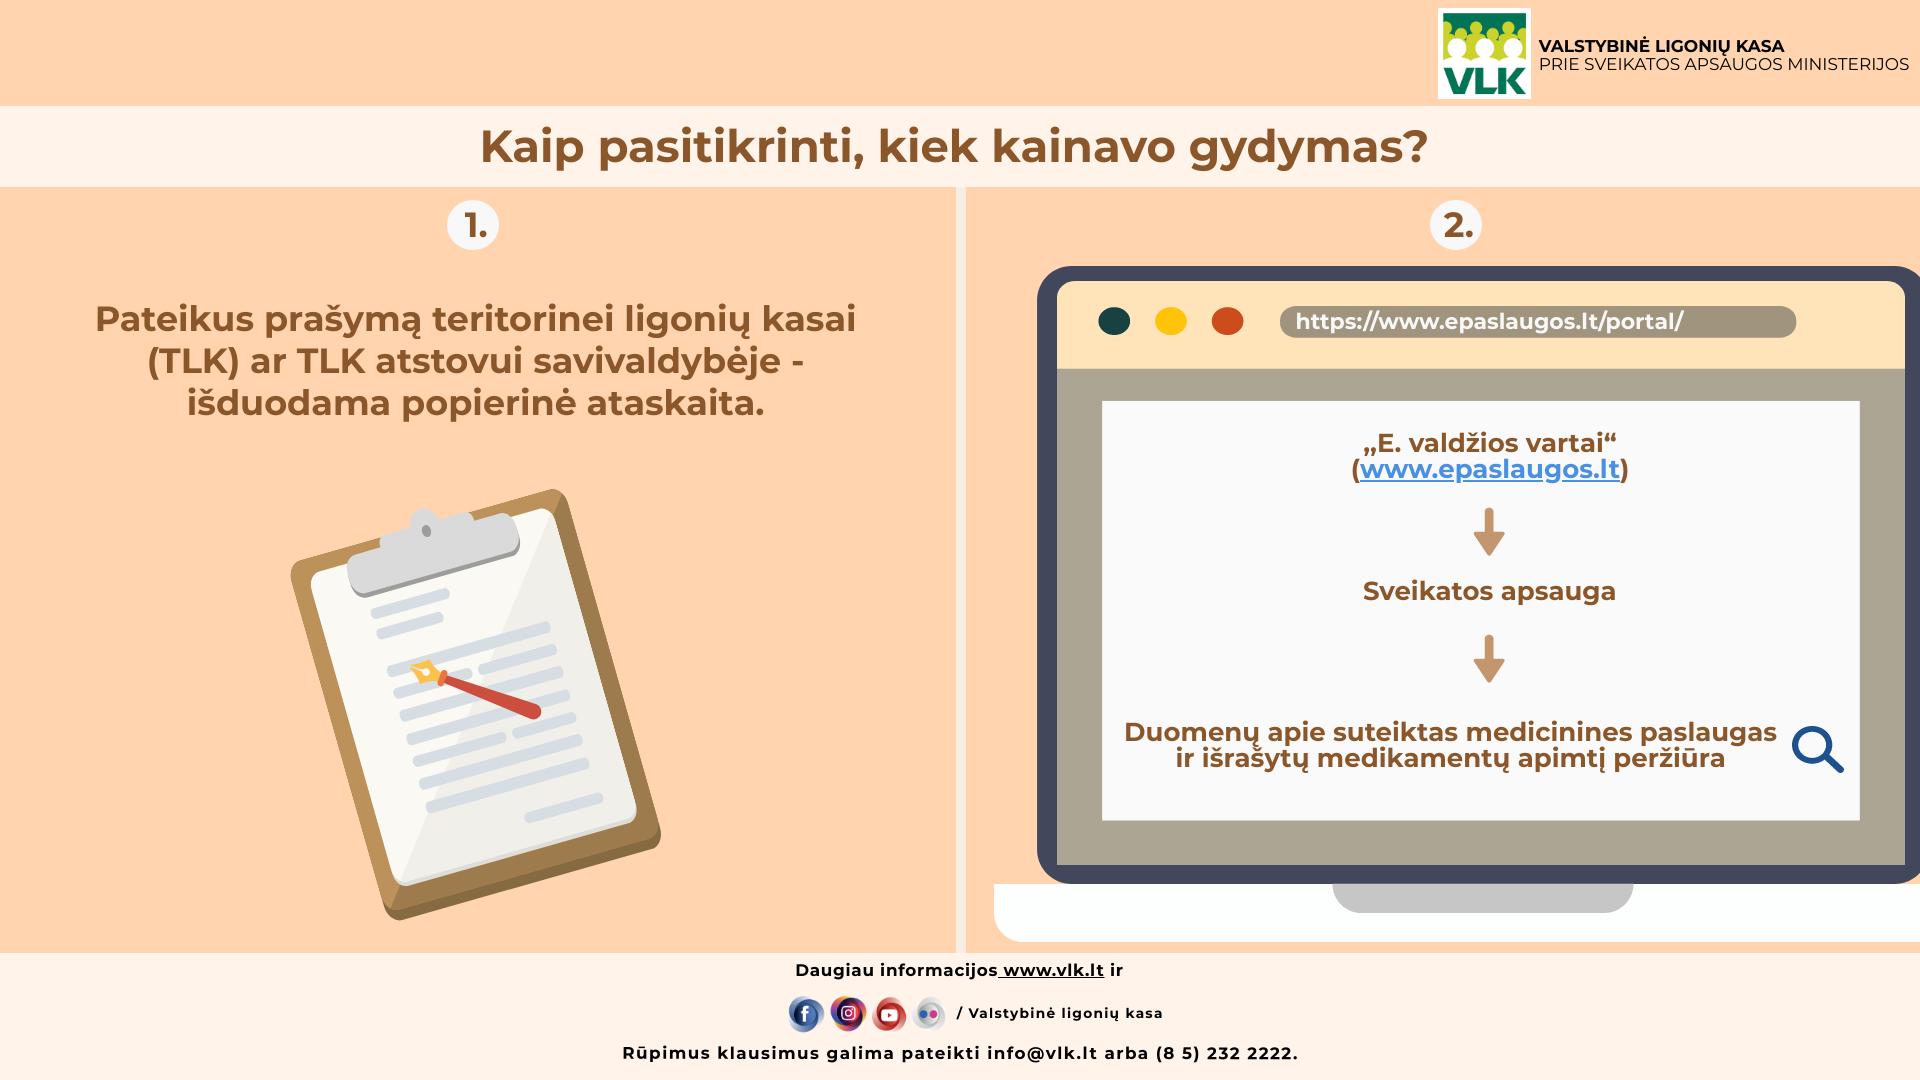 Daugiau nei milijonas gyventojų pakviesti pasitikrinti, kiek kainavo jų gydymas | R. Zagrebajev, VLK nuotr.